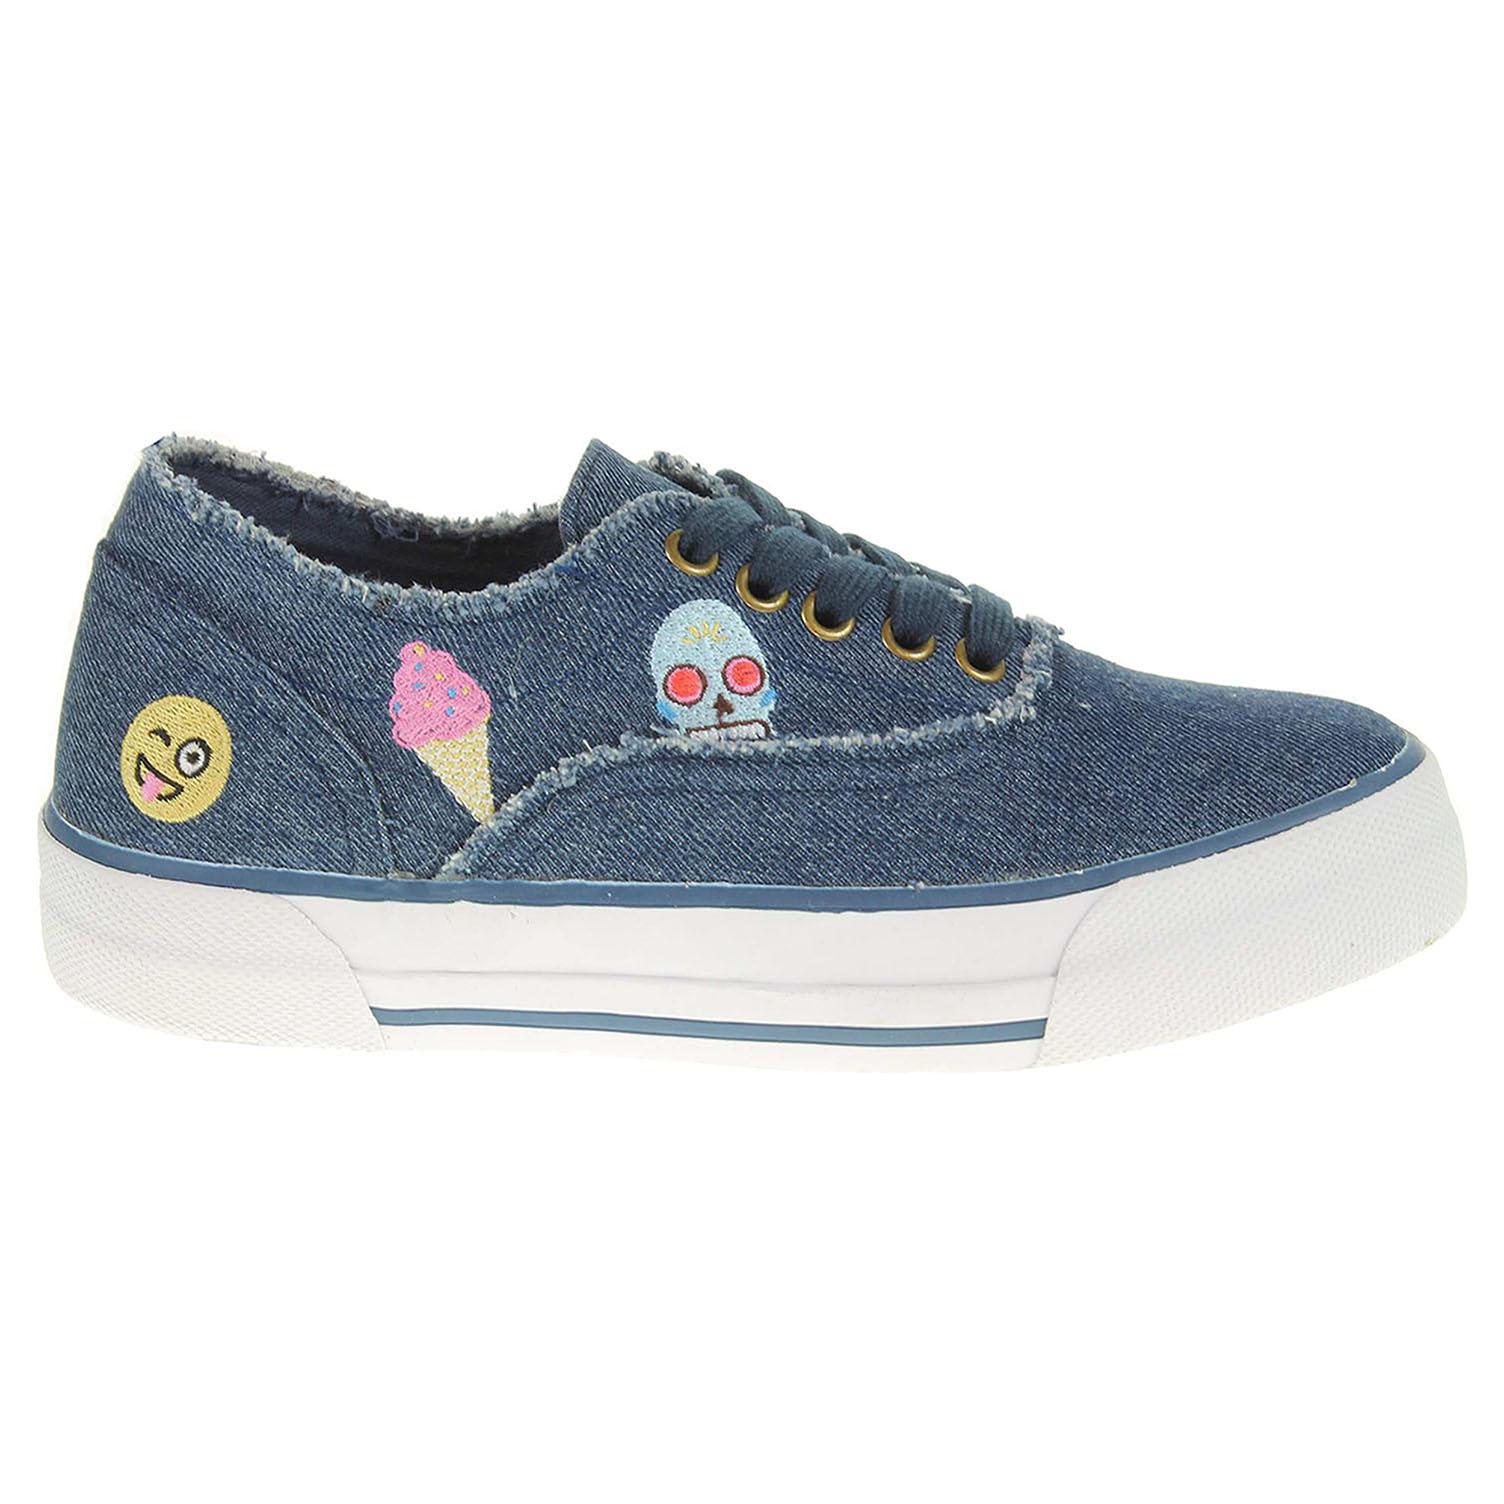 Ecco Marco Tozzi dámská obuv 2-23624-38 modrá 23200647 a23c7a4322d